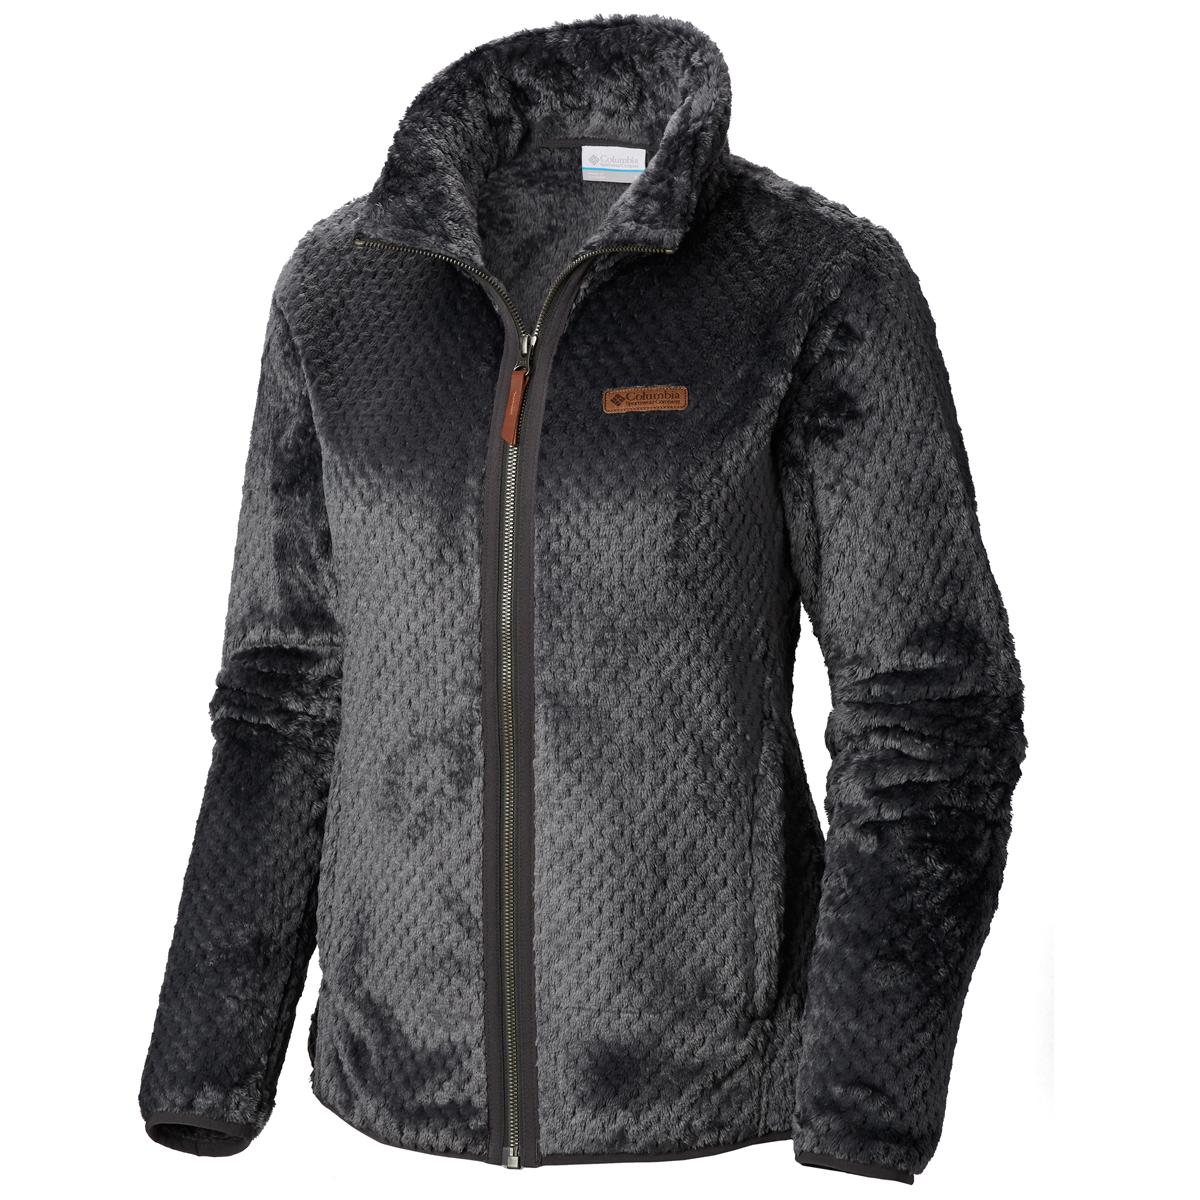 Columbia Women's Fire Side Ii Sherpa Full Zip Fleece Jacket - Black, XL